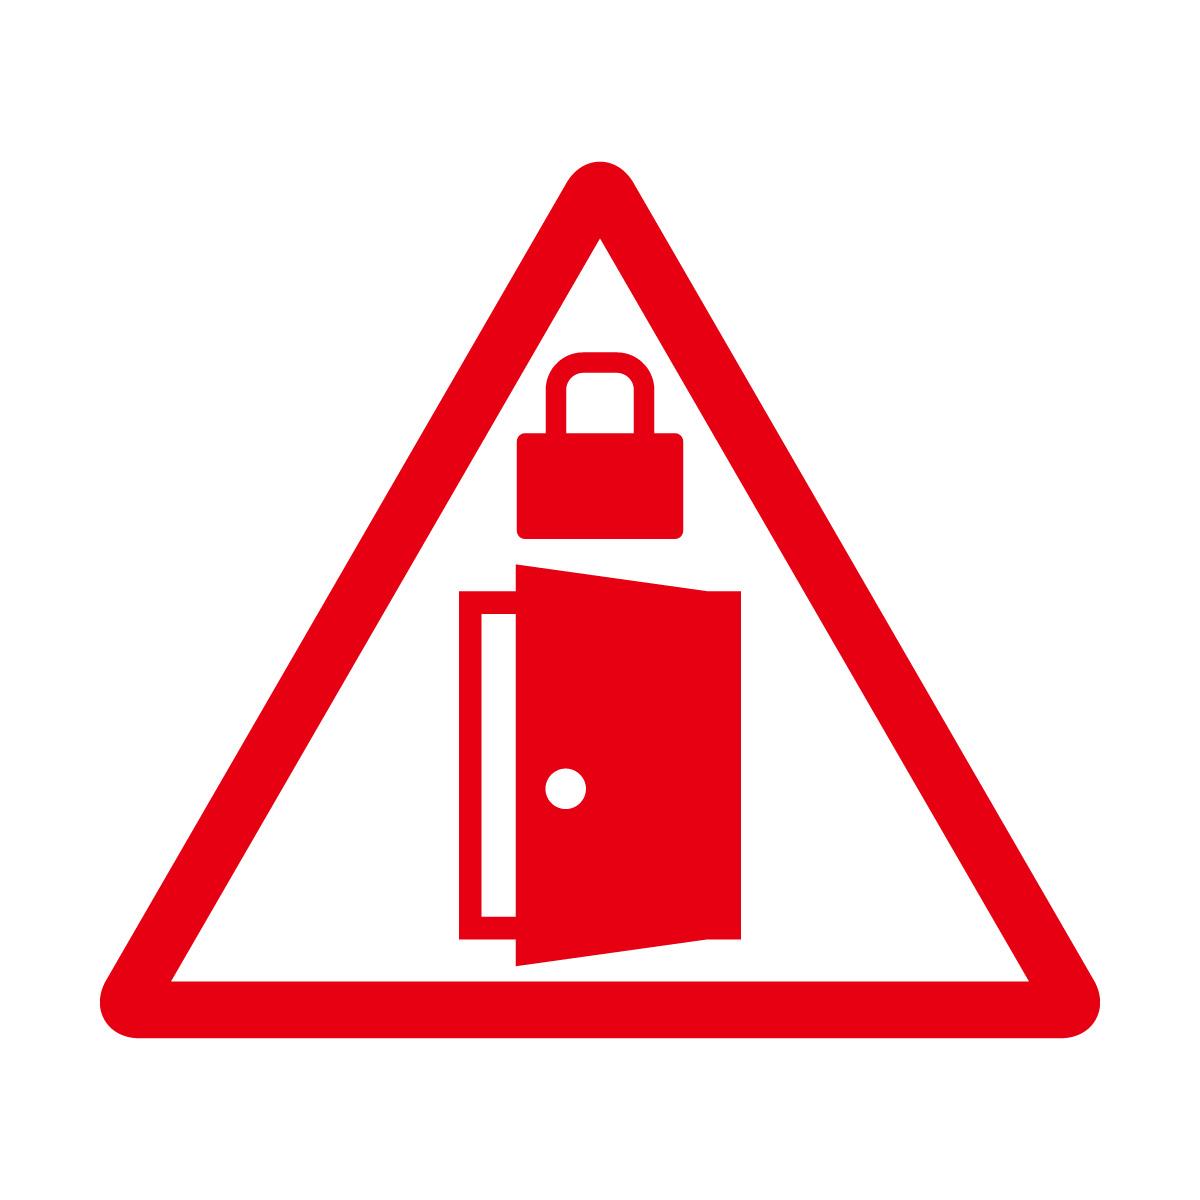 赤色の扉・ドアの施錠注意 鍵掛け マークのカッティングステッカー・シール